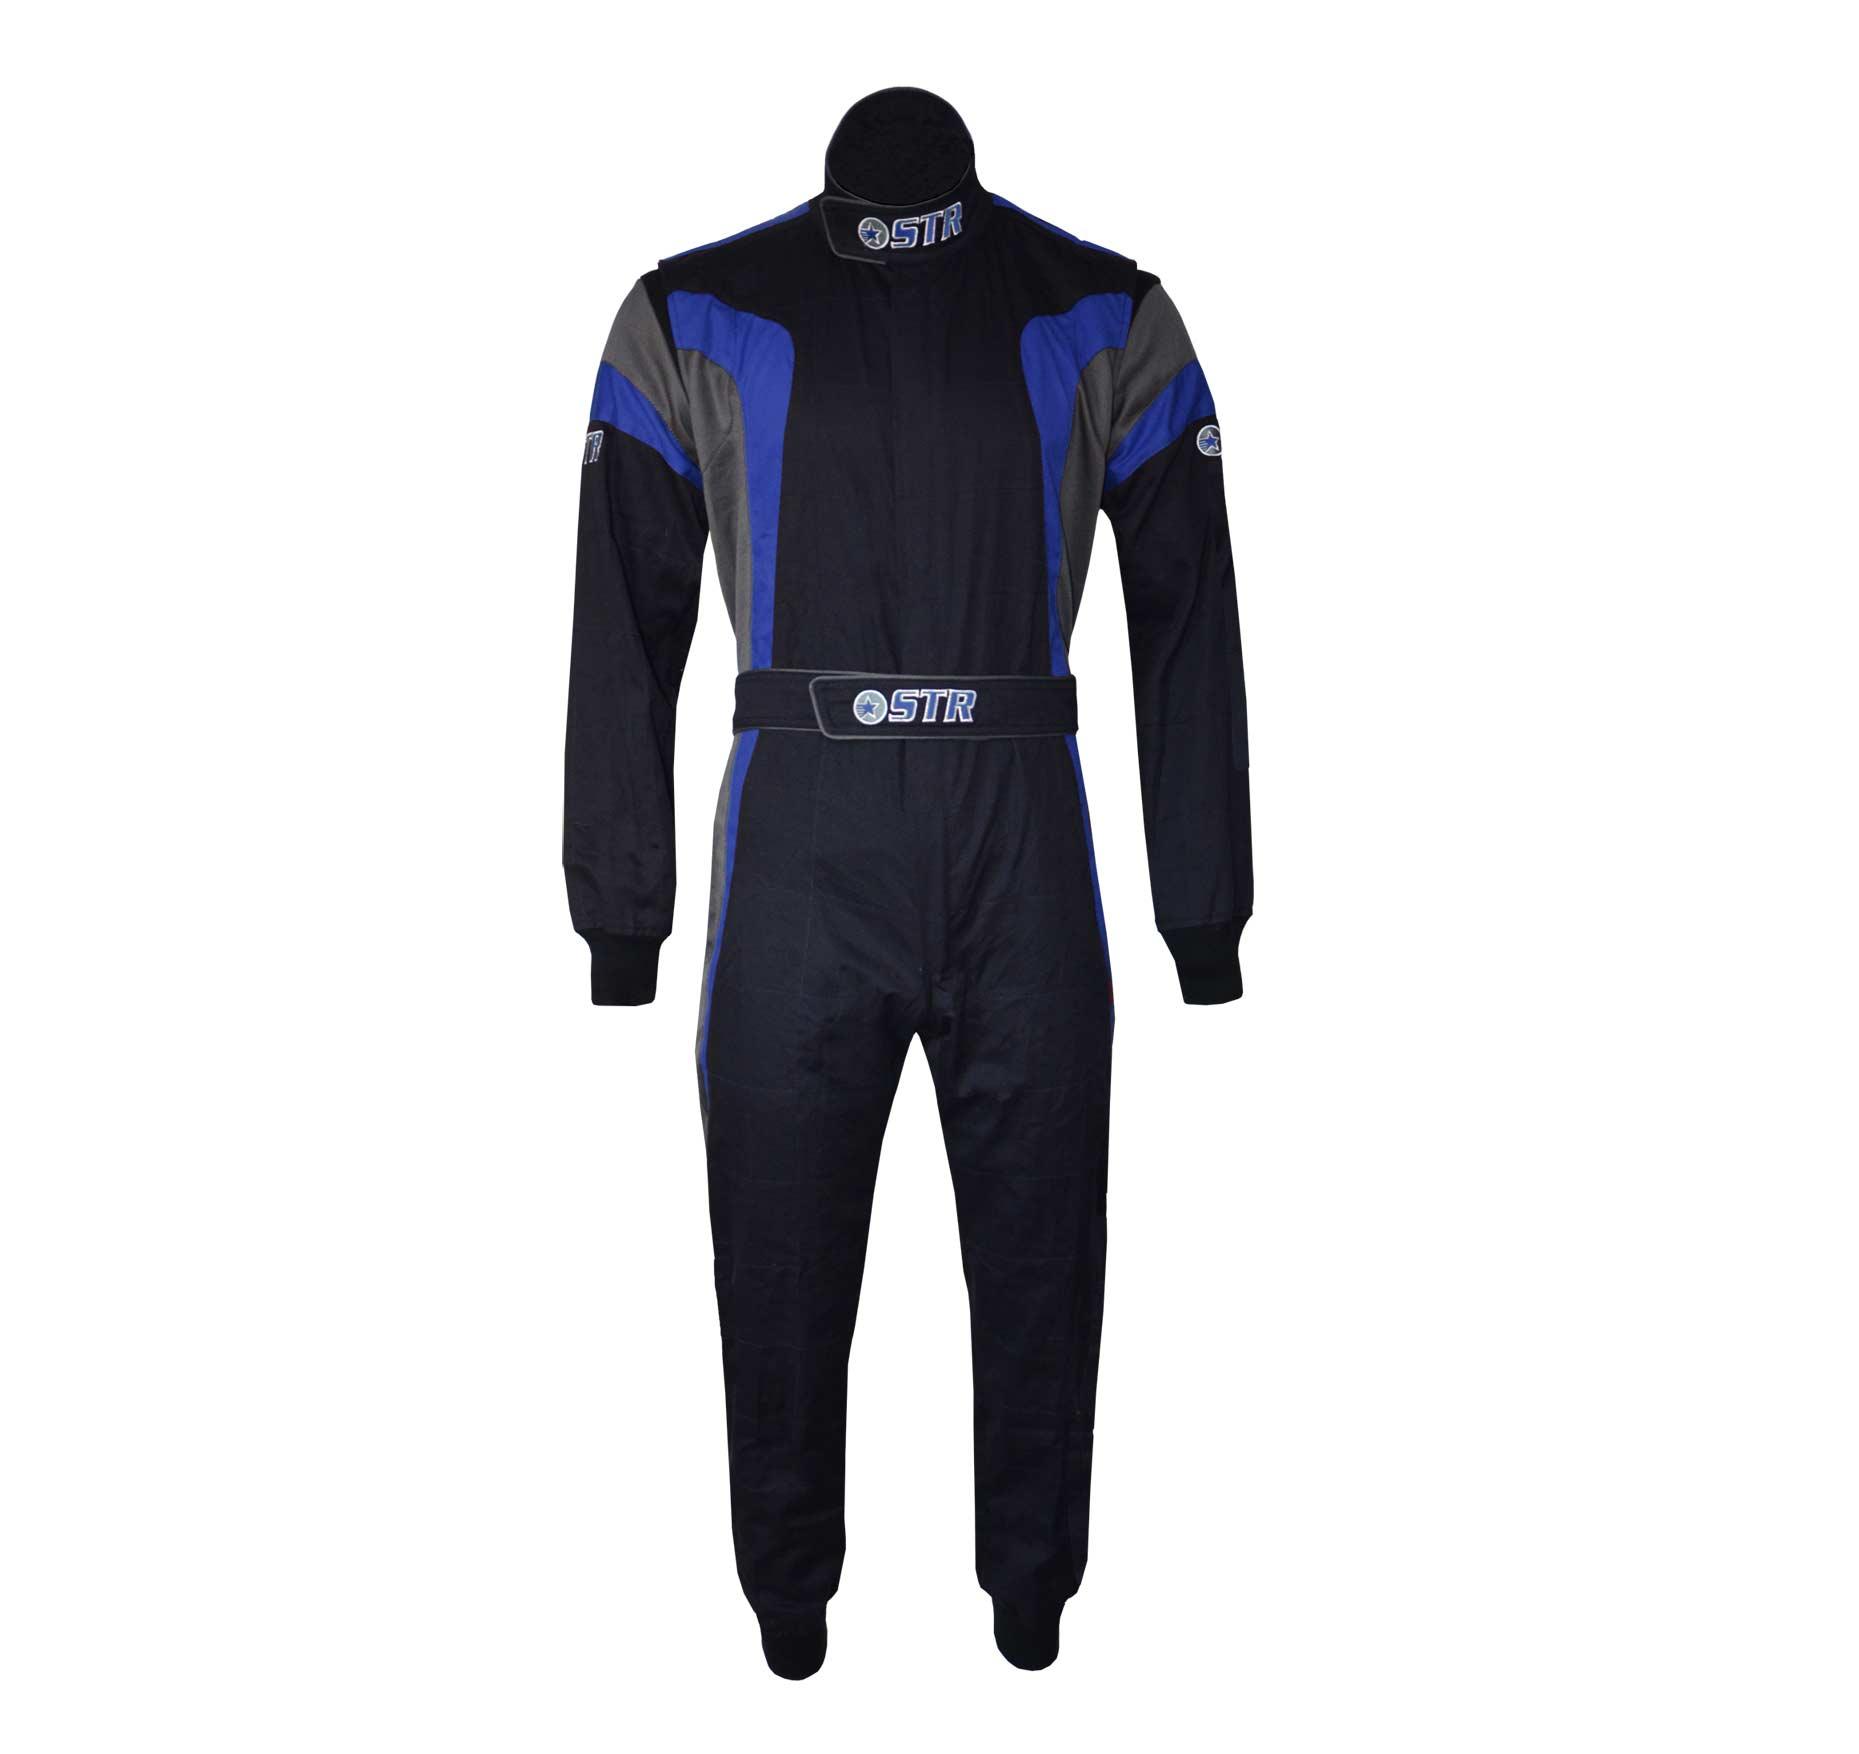 STR 'Podium' Race Suit - Black/Blue/Grey